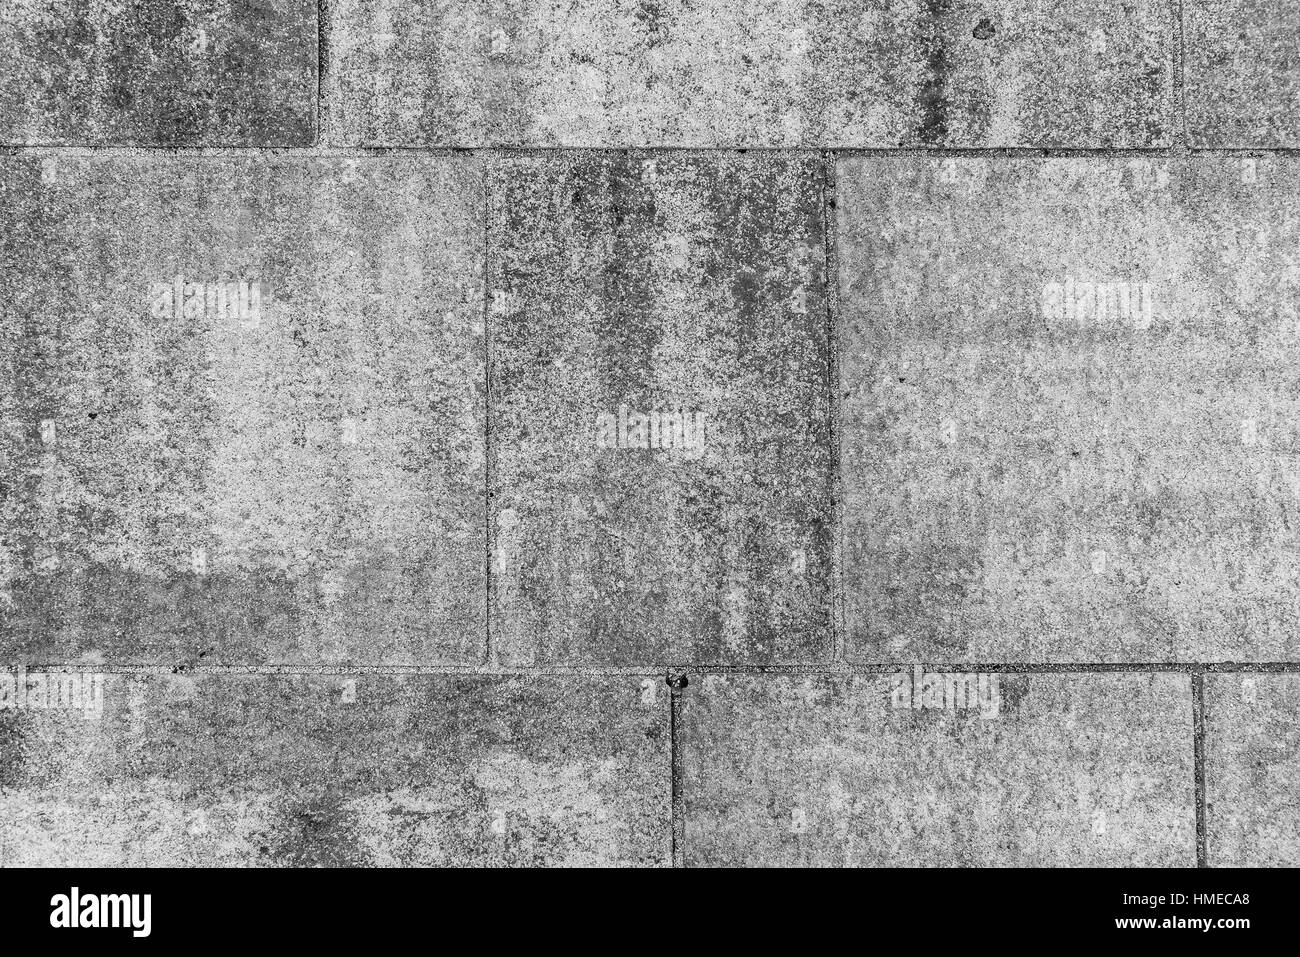 Sporco il terrazzo esterno con lastre di piastrelle. Immagine del ...